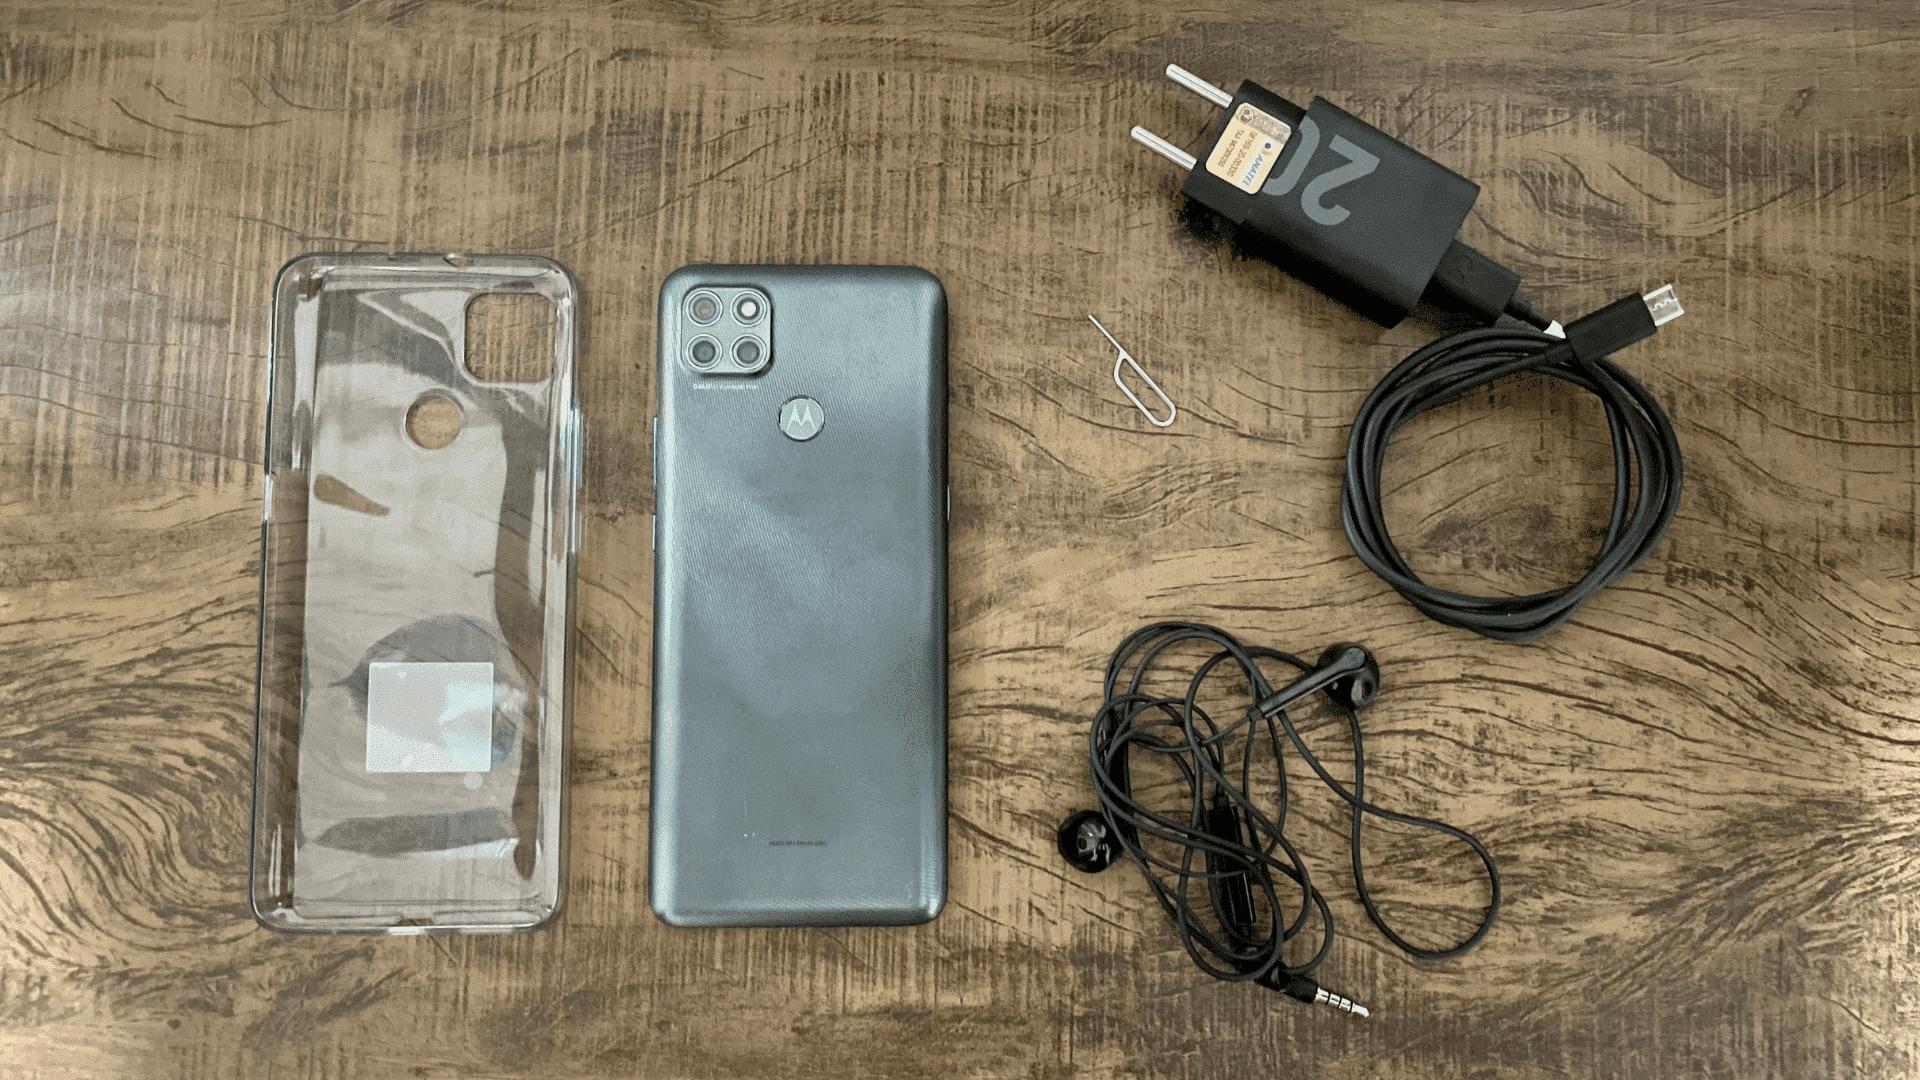 Moto G9 Power: entre os acessórios, está carregador Turbo Power de 20W (Foto: Gabriel Fricke / Zoom)